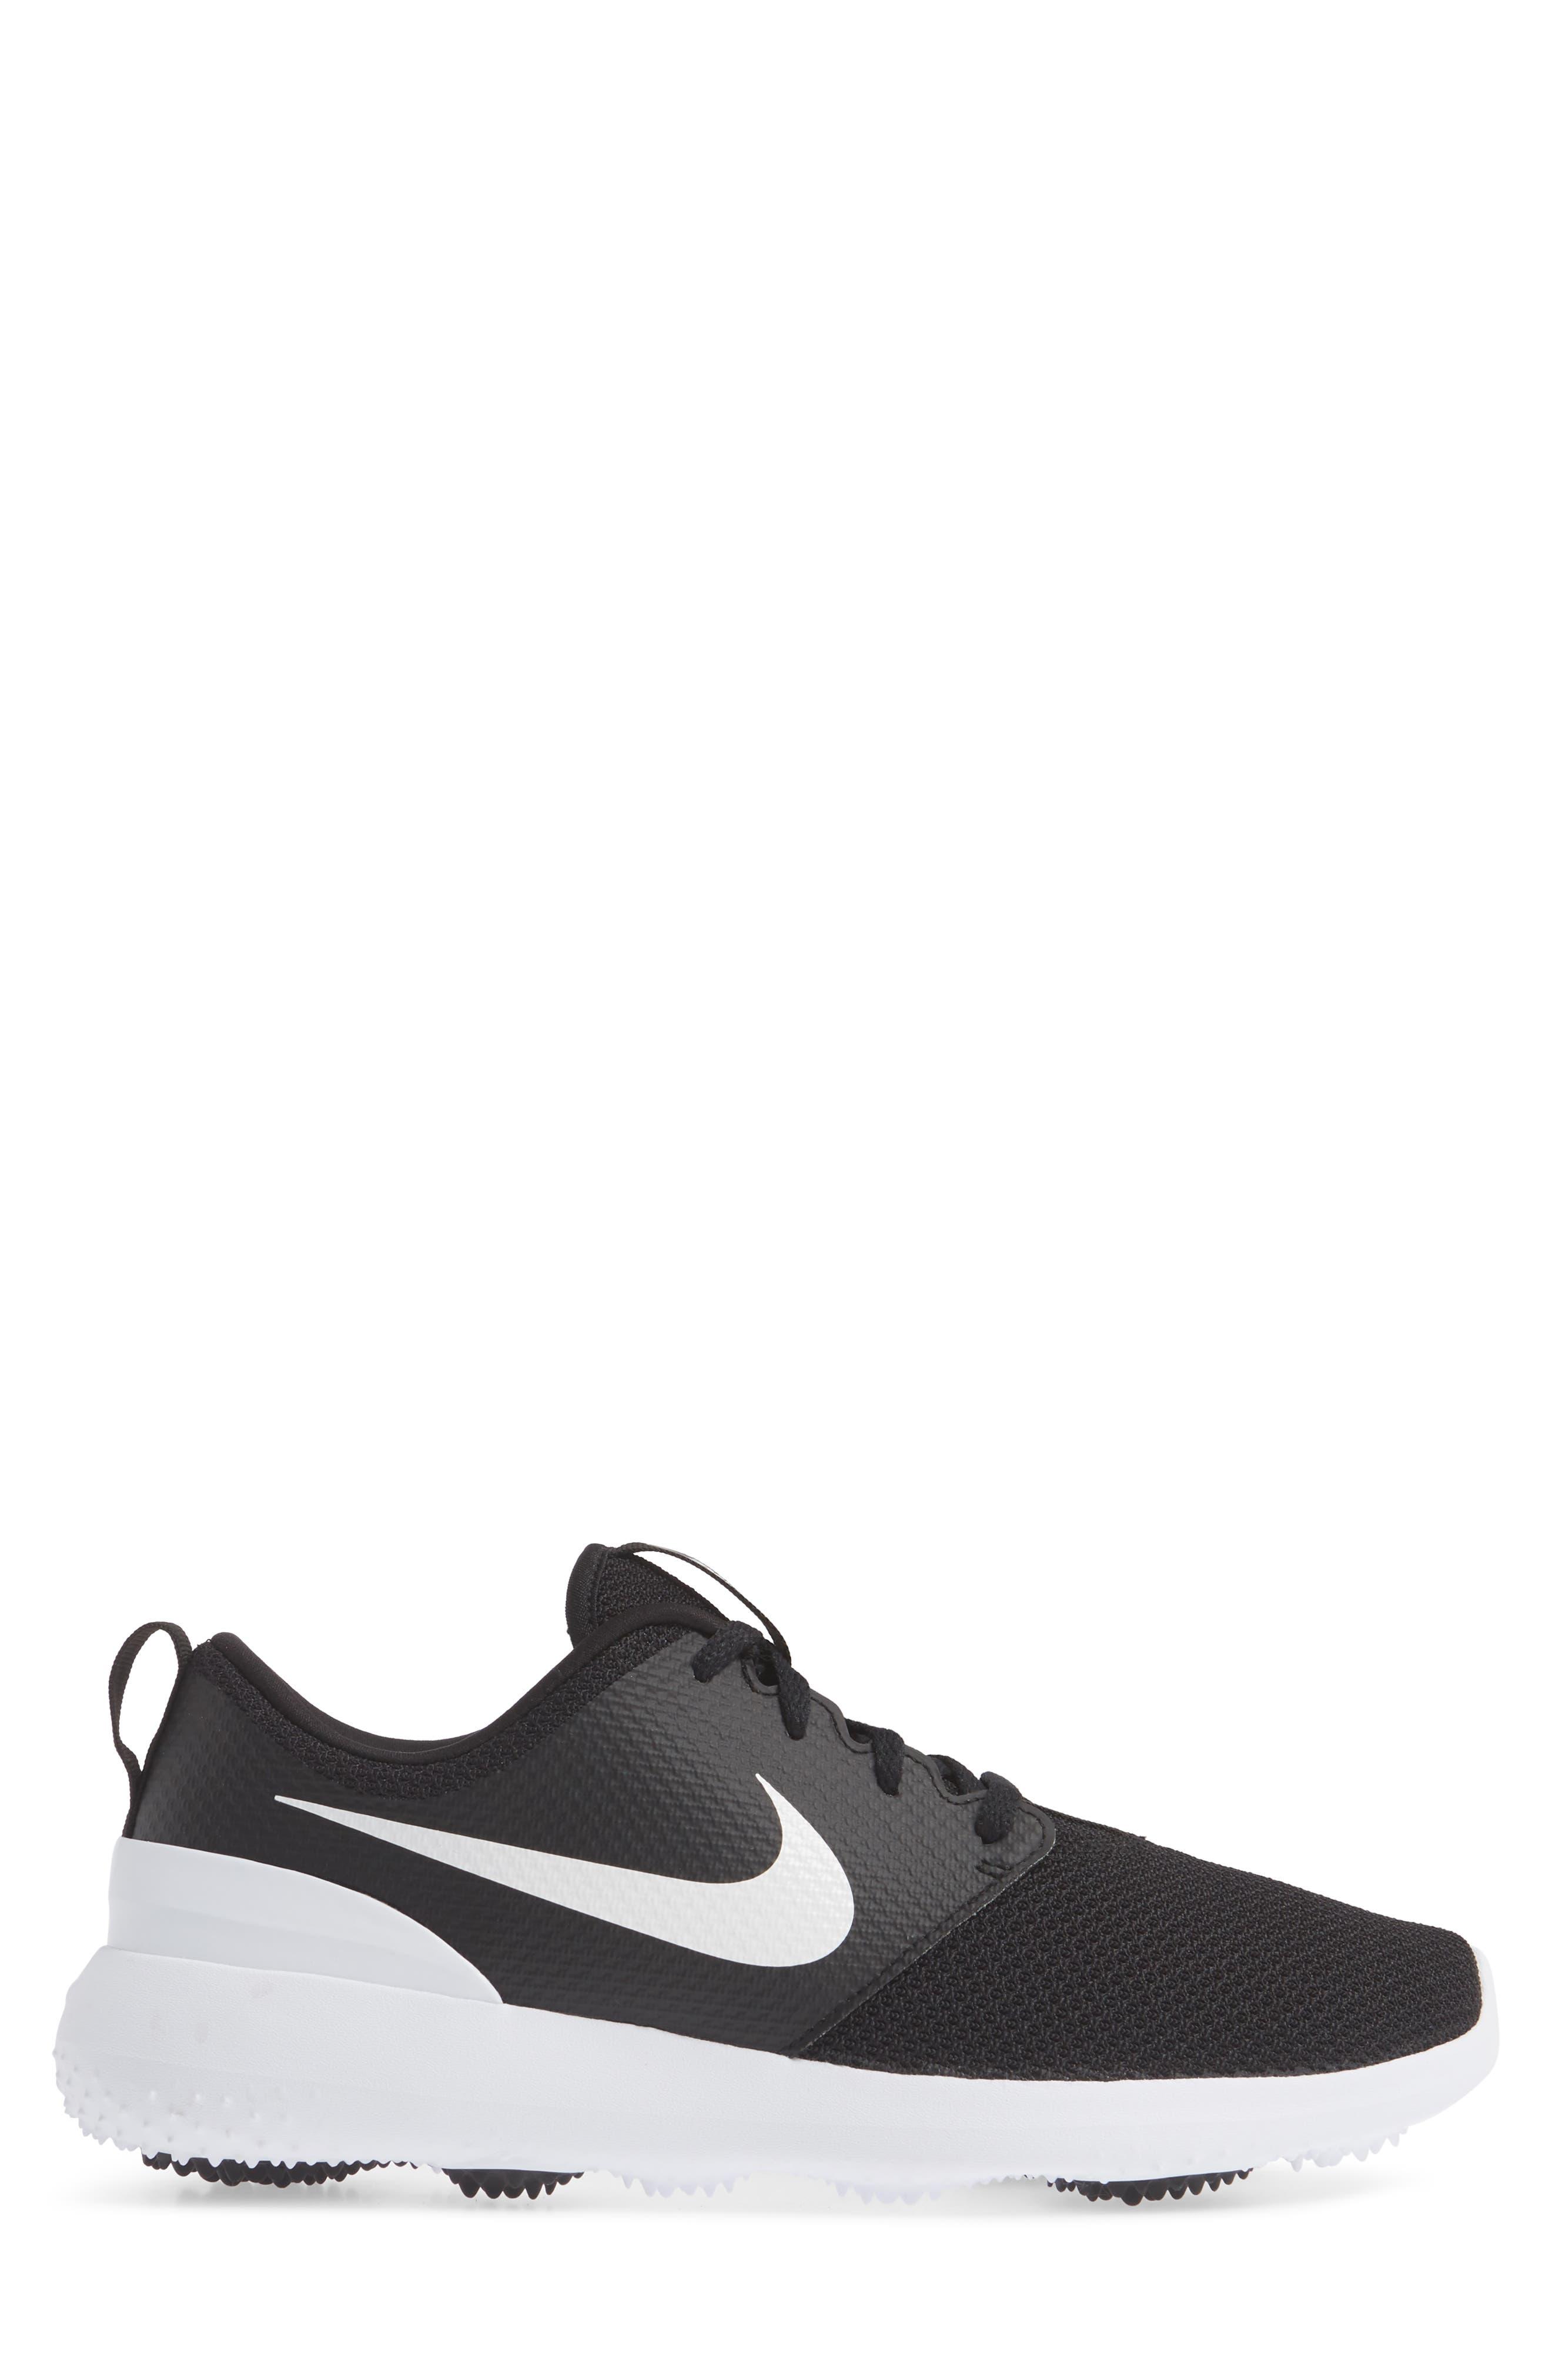 Roshe Golf Shoe,                             Alternate thumbnail 3, color,                             BLACK/ WHITE